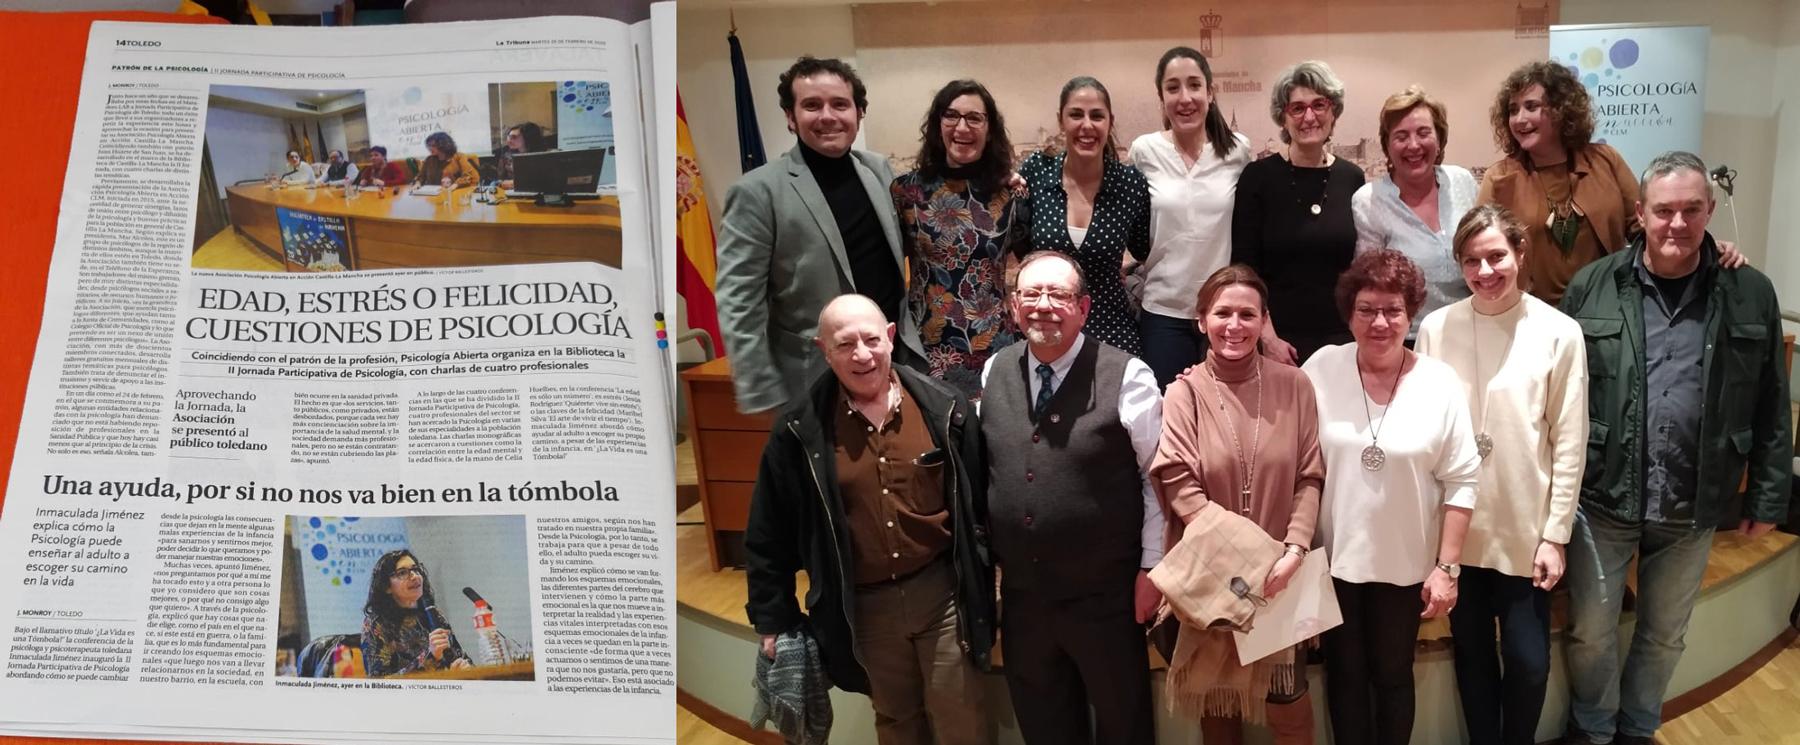 noticia jornadas psicología participativa Toledo 2020 en La Tribuna